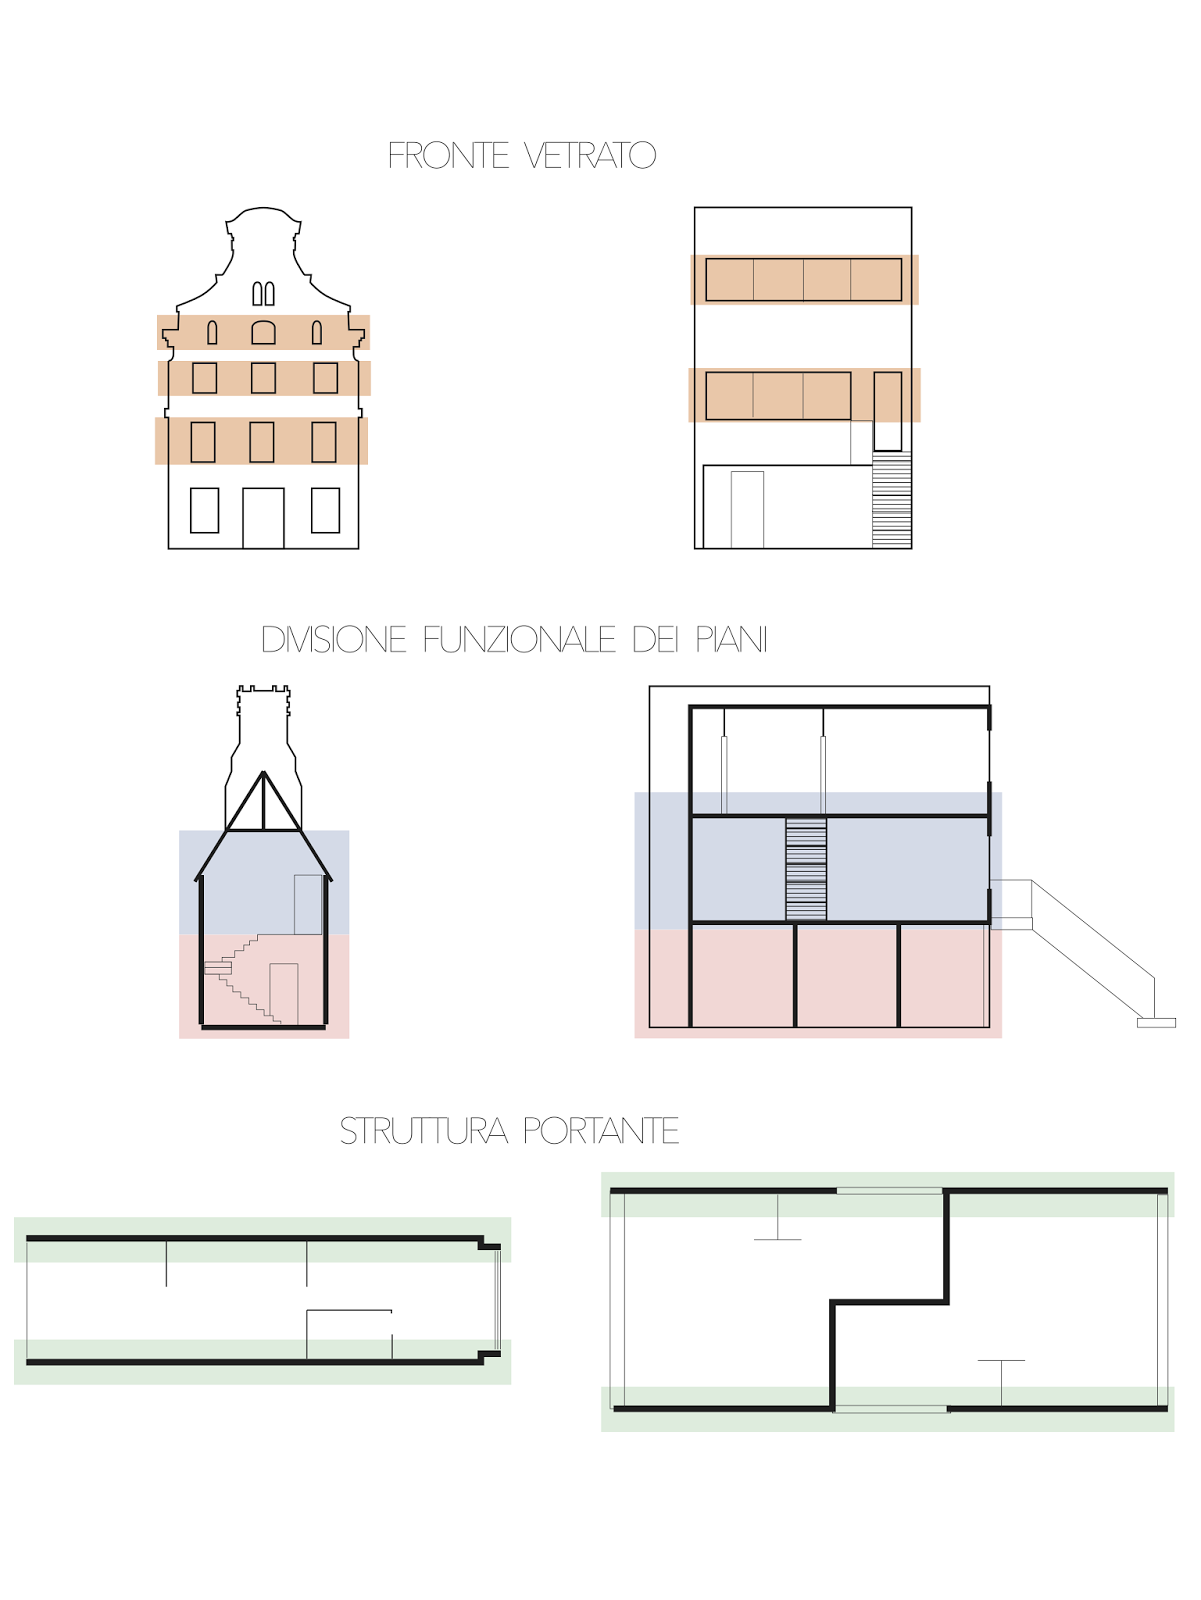 Casa gotica e maison citrohan teorie e tecniche for Casa di architettura gotica